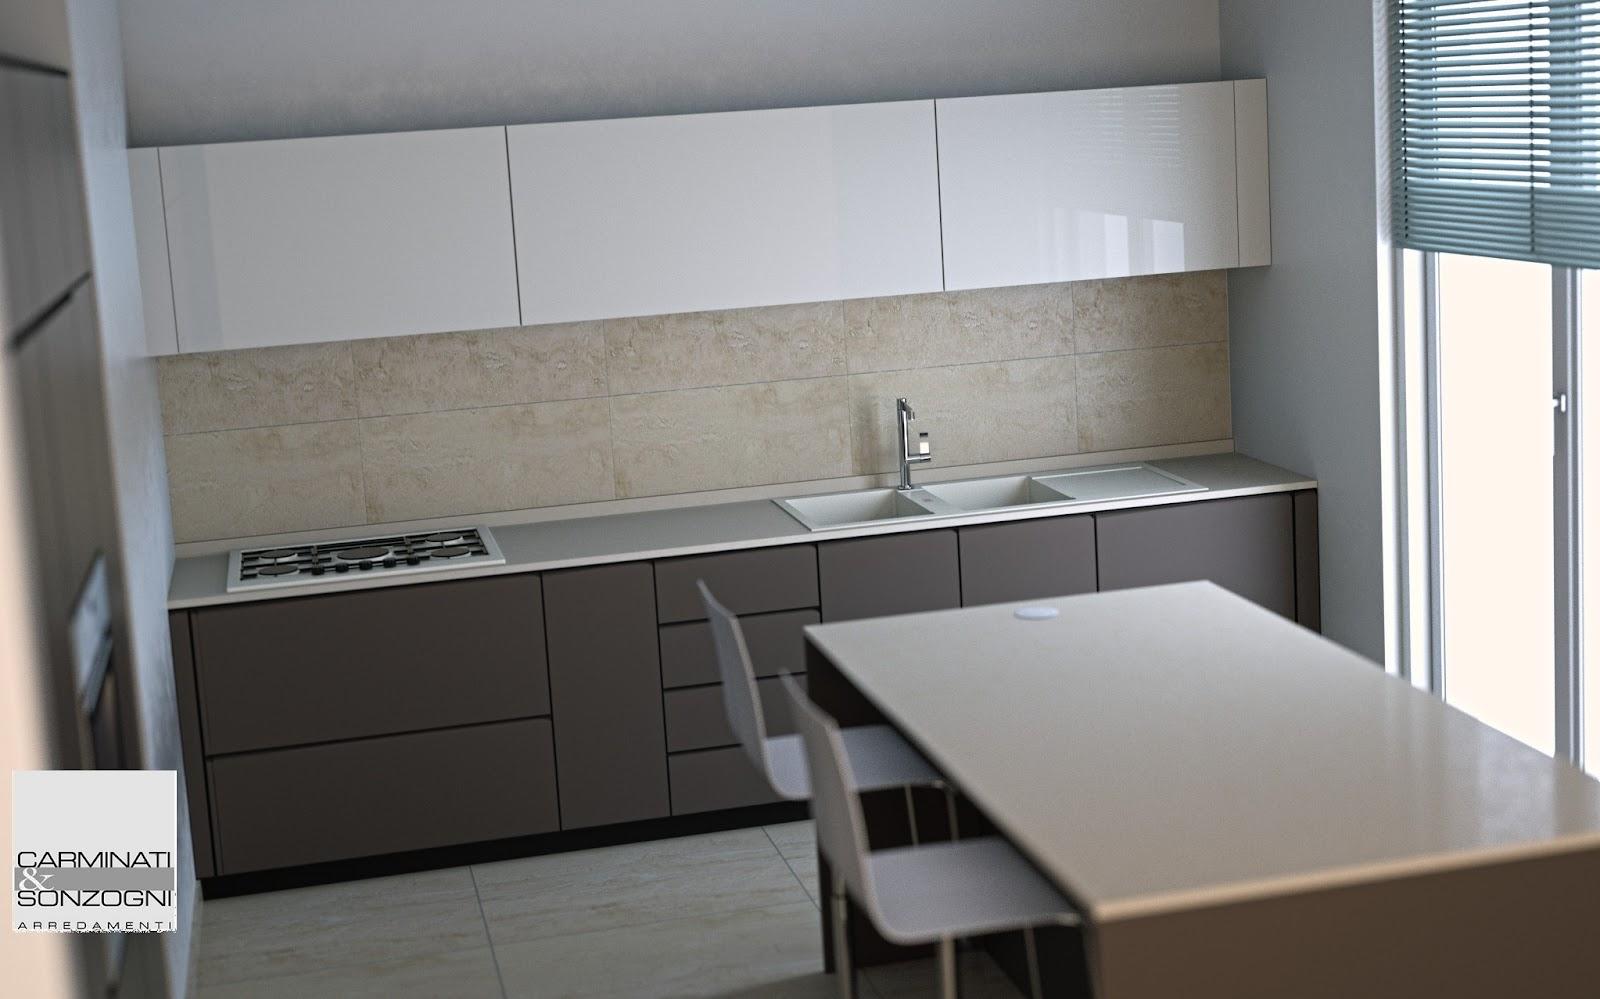 Cucine la casa moderna carminati e sonzognicarminati e for Piani di progettazione della casa 3d 4 camere da letto